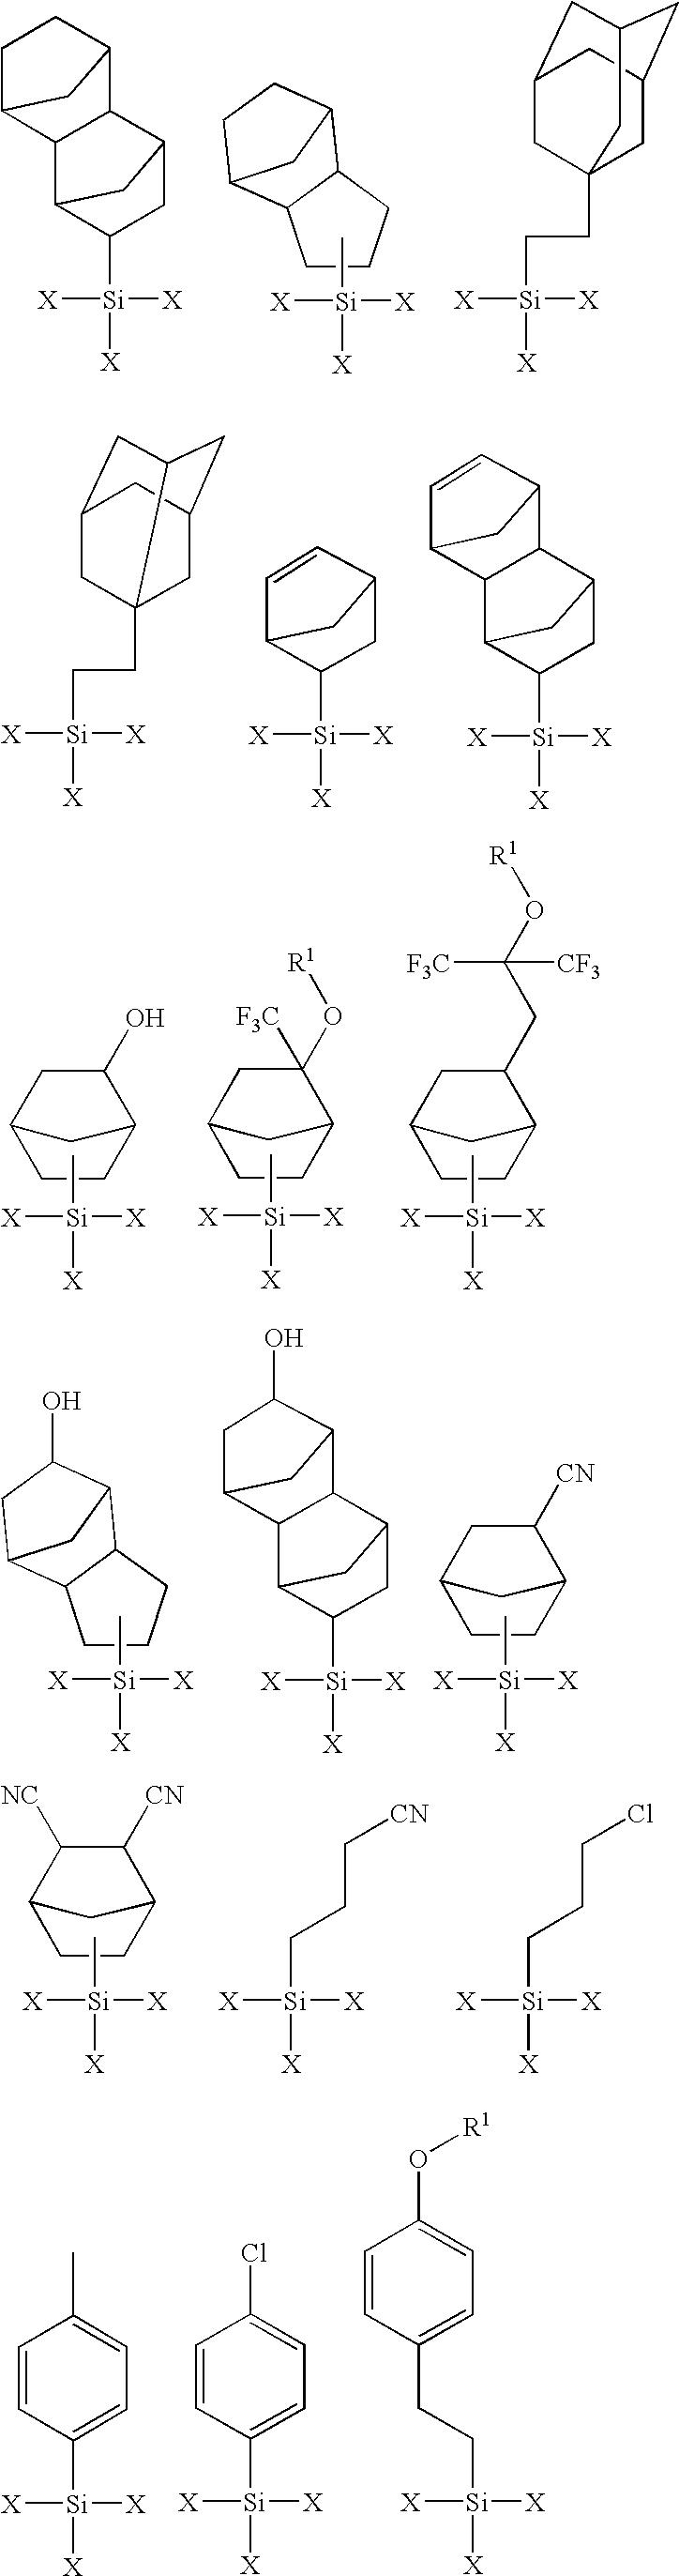 Figure US20040241579A1-20041202-C00009